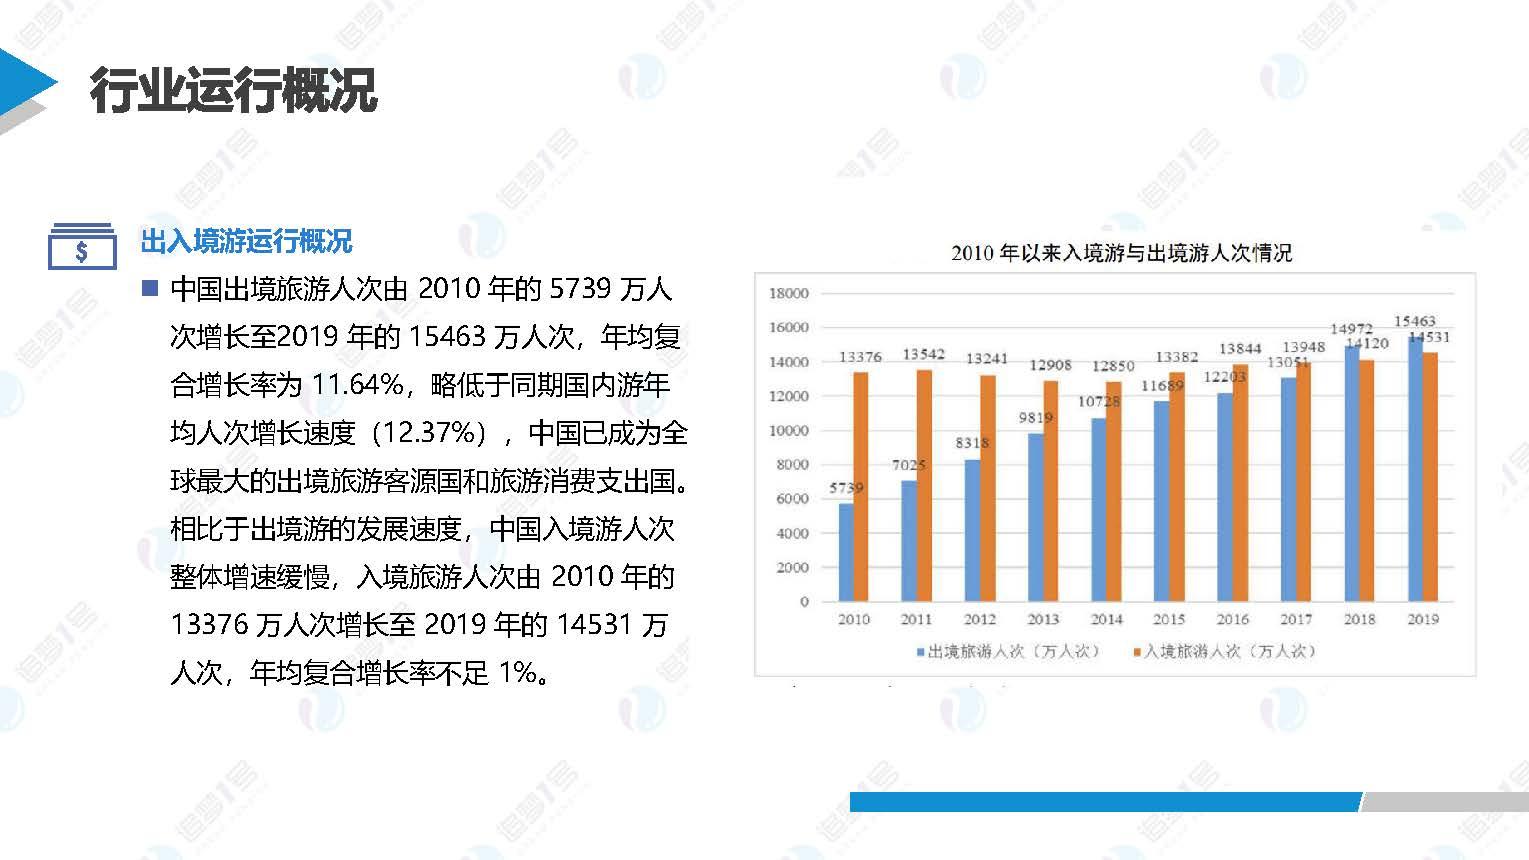 中国旅游行业研究 _页面_16.jpg